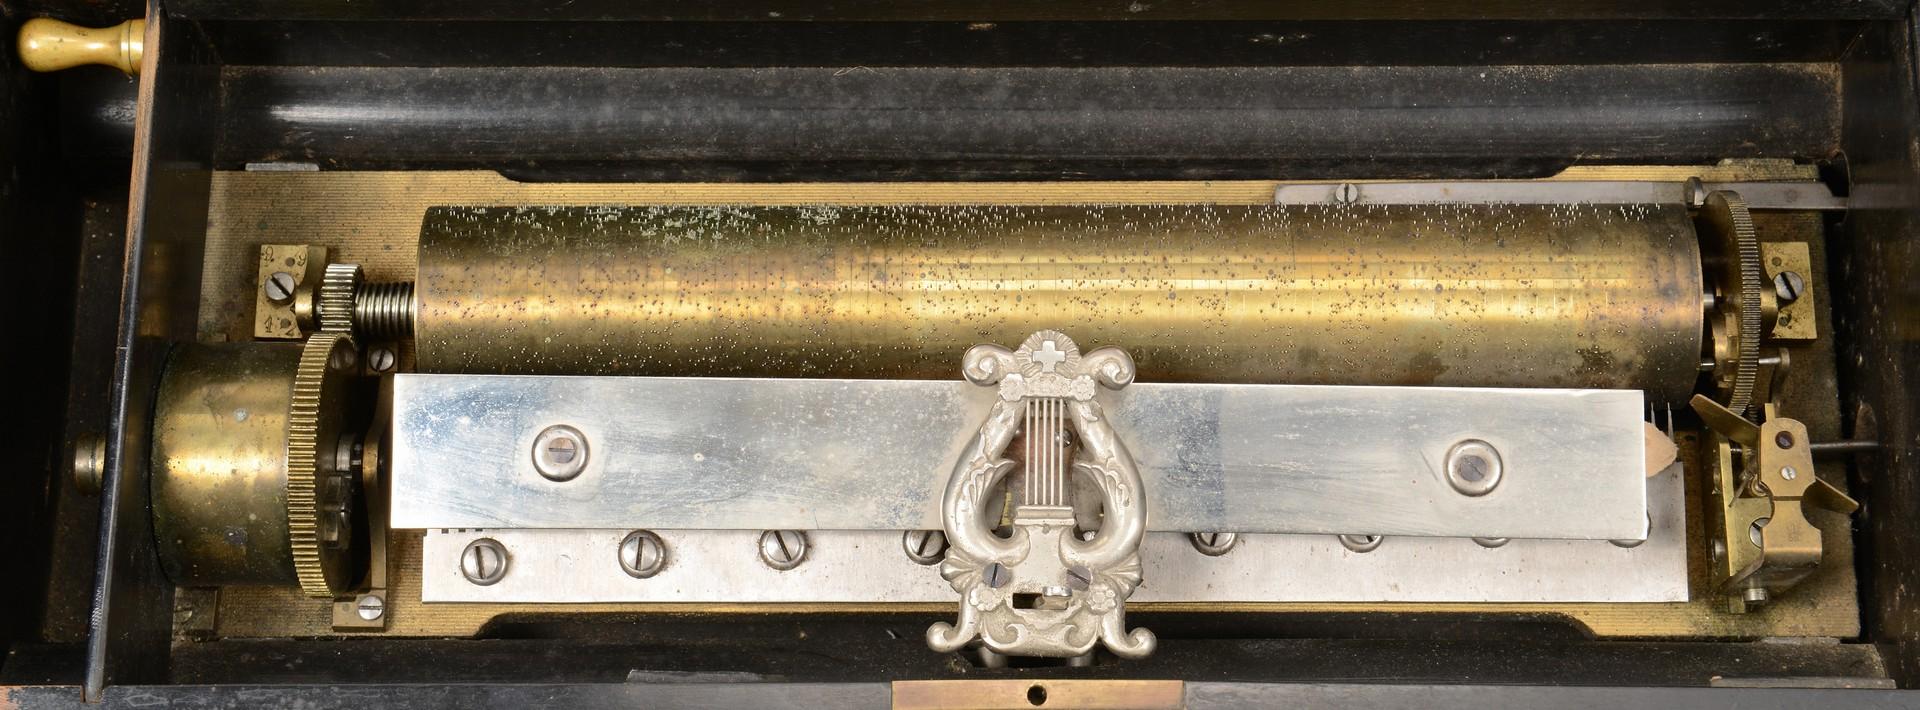 Lot 844: Paillard Cylinder 10 Tune Music Box